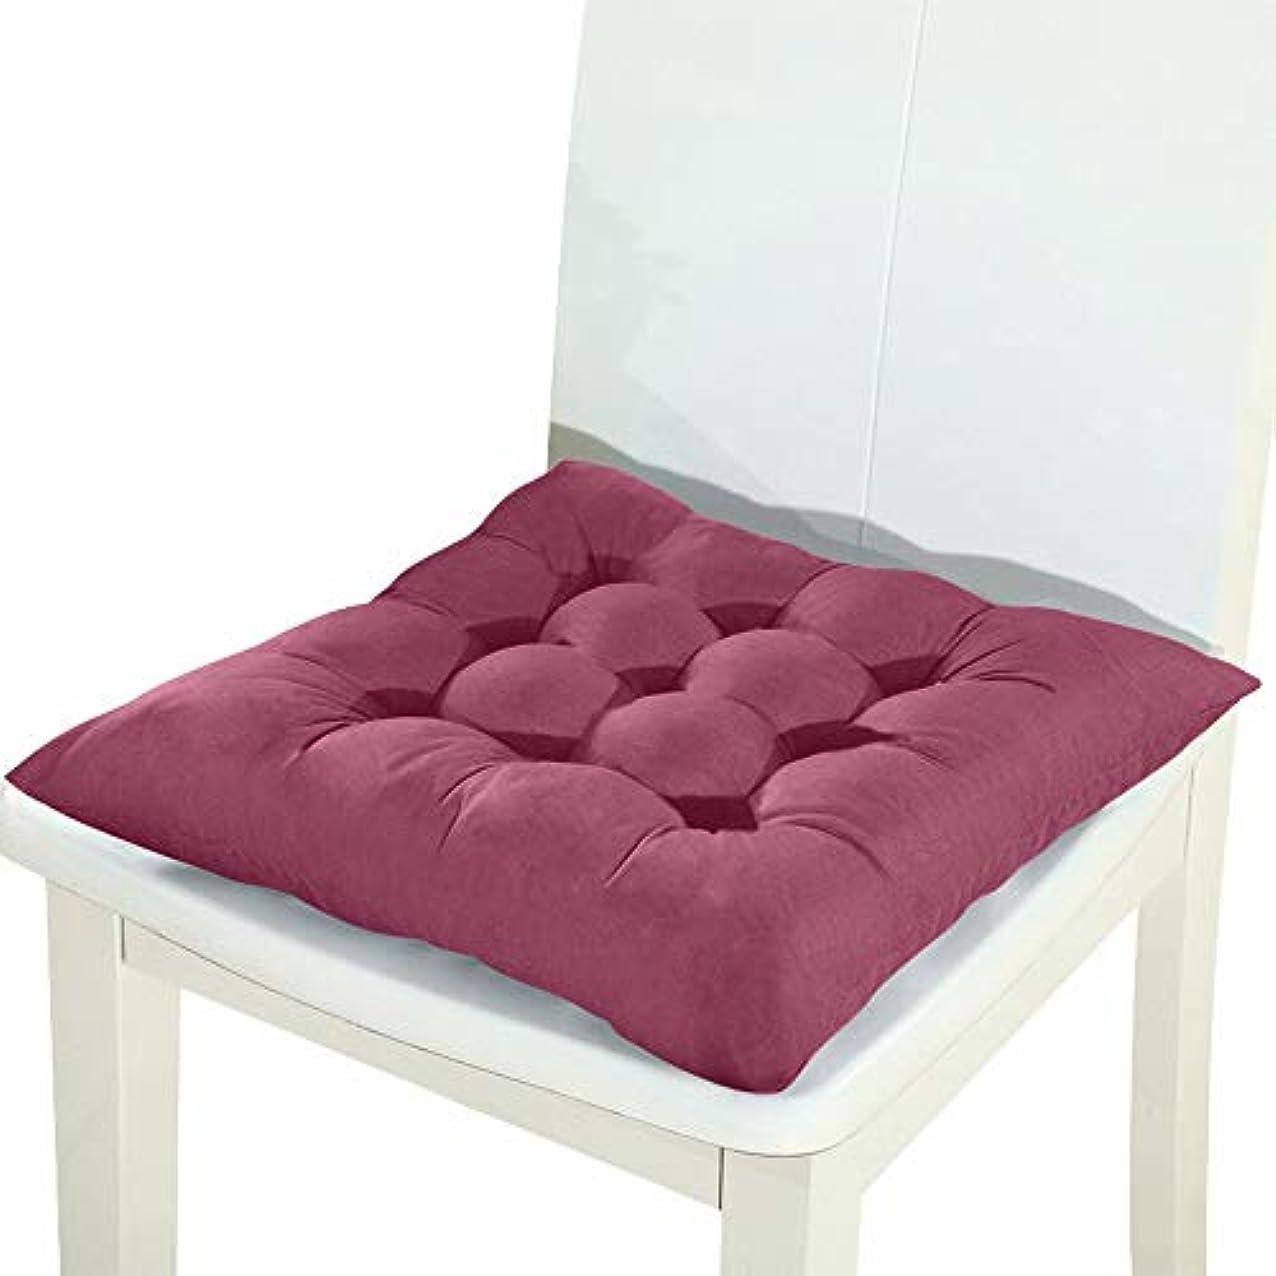 扇動する叫ぶバスルームLIFE 1/2/4 個冬オフィスバー椅子バックシートクッションシートクッションパッドソファ枕臀部椅子クッション 37 × 37 センチメートル クッション 椅子